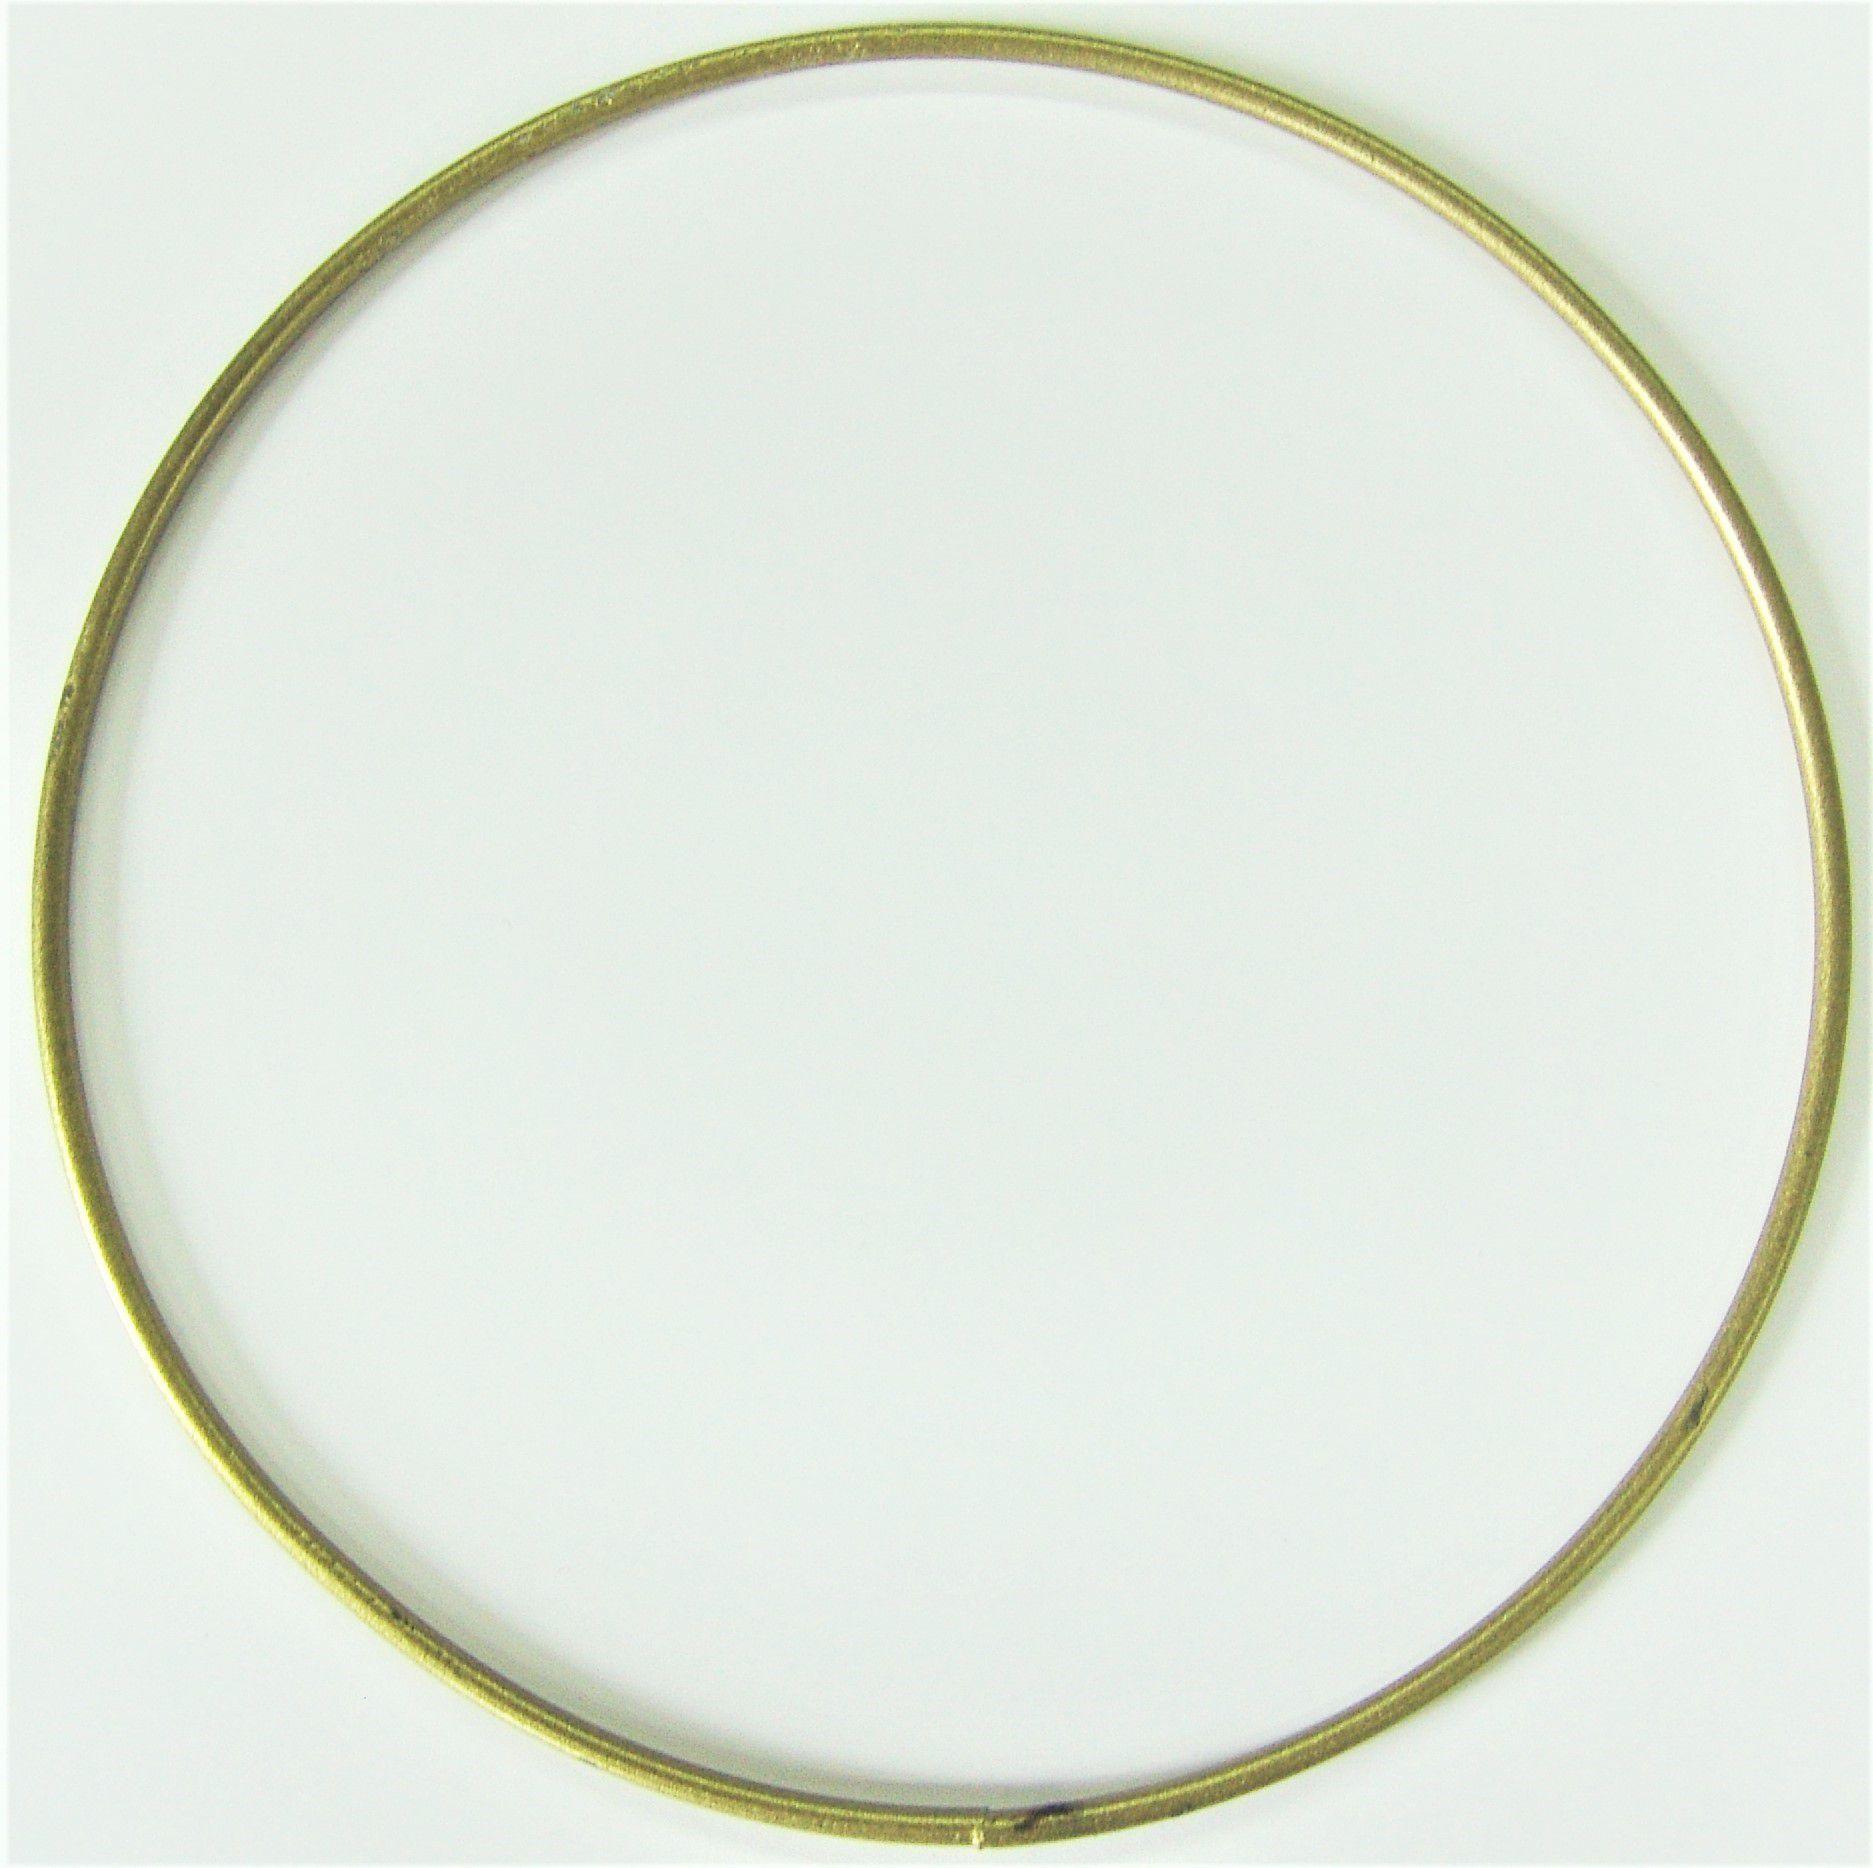 Cercle nu en métal doré Ø 20cm